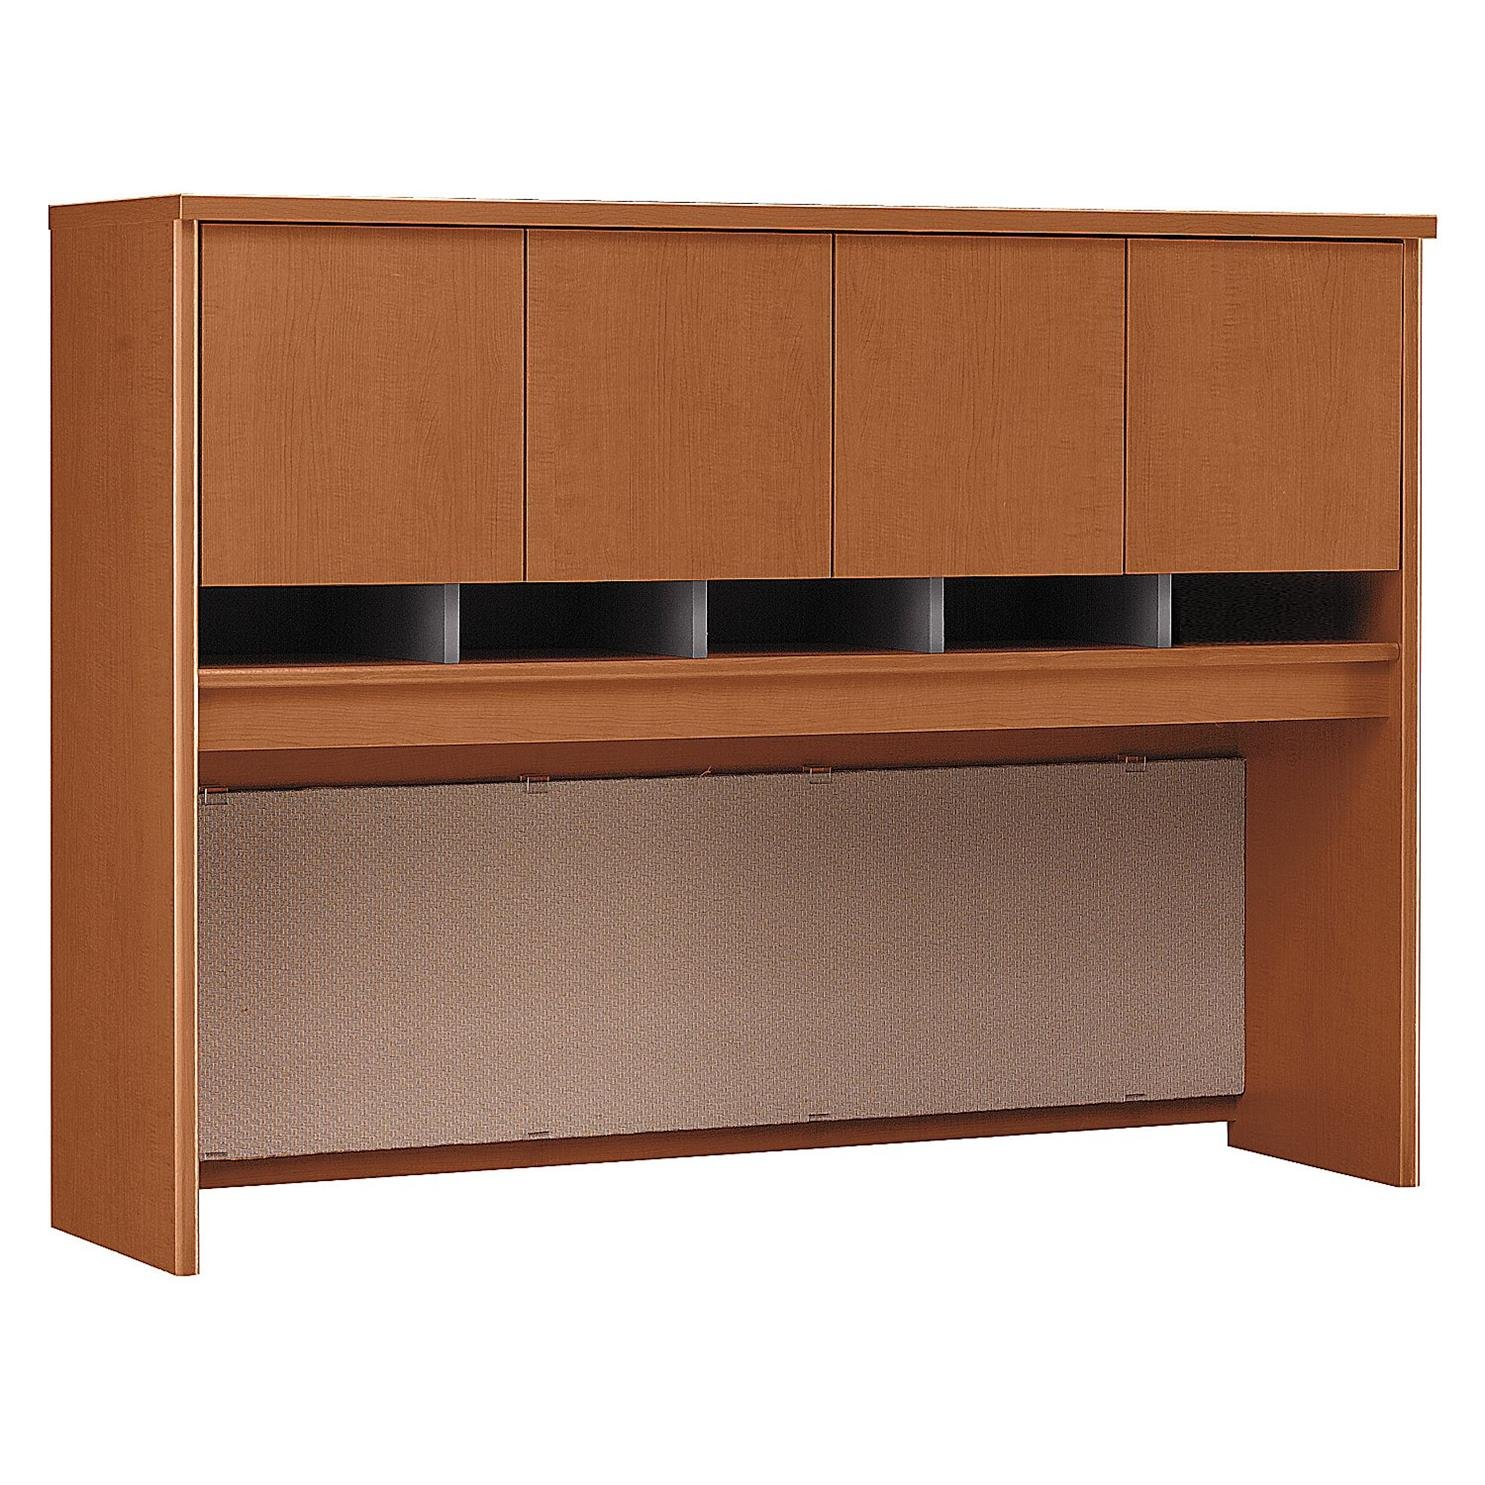 Bush Business Furniture Series C 60W Hutch in Auburn Maple by Bush Business Furniture